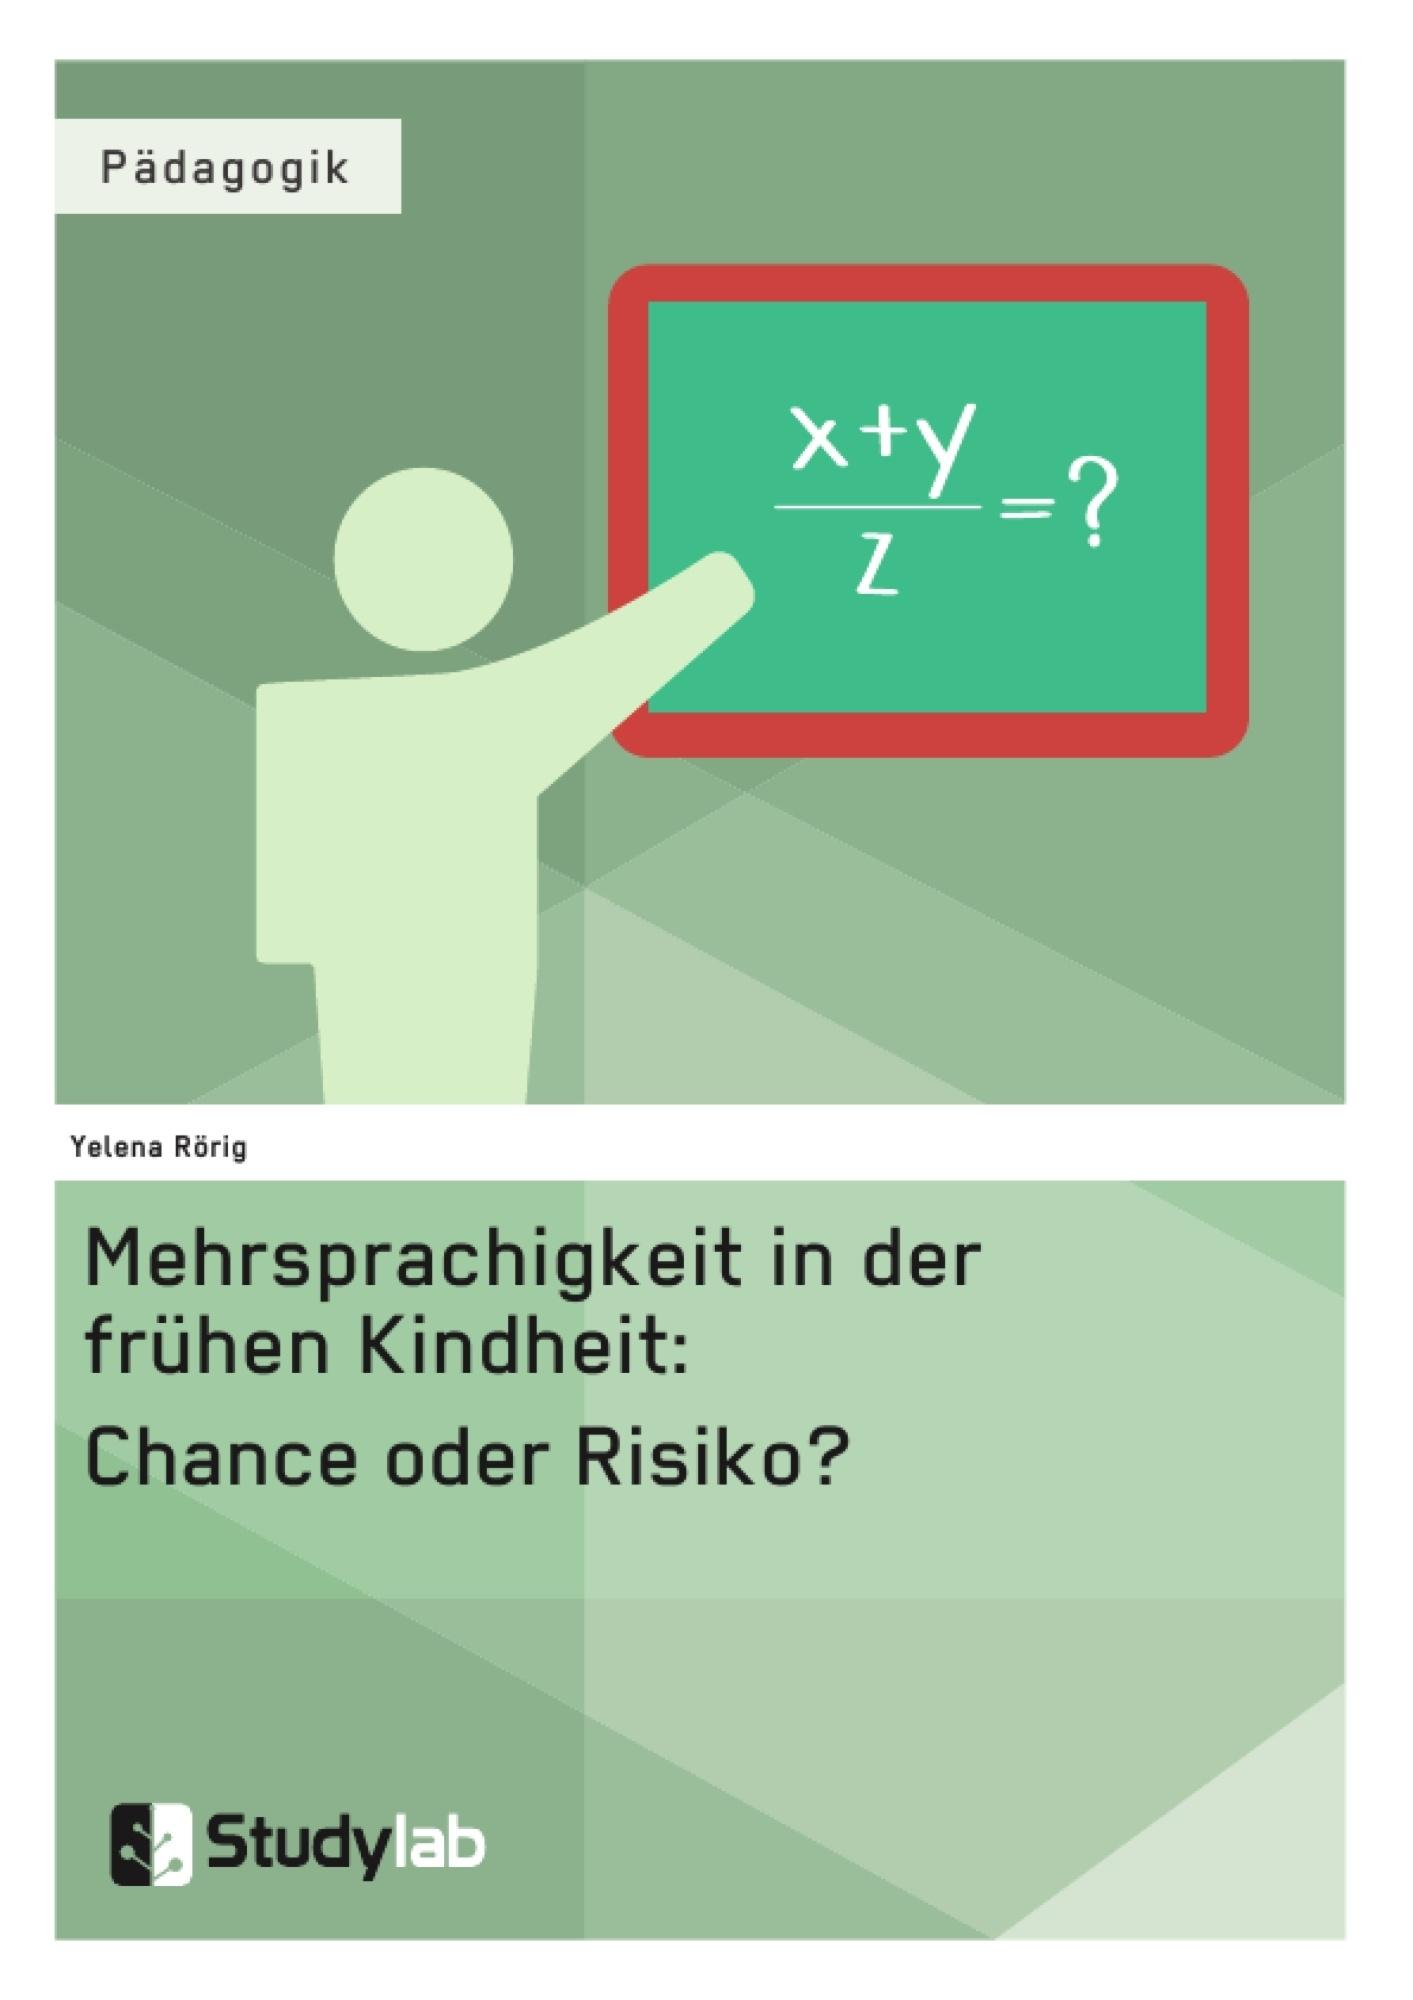 Titel: Mehrsprachigkeit in der frühen Kindheit: Chance oder Risiko?